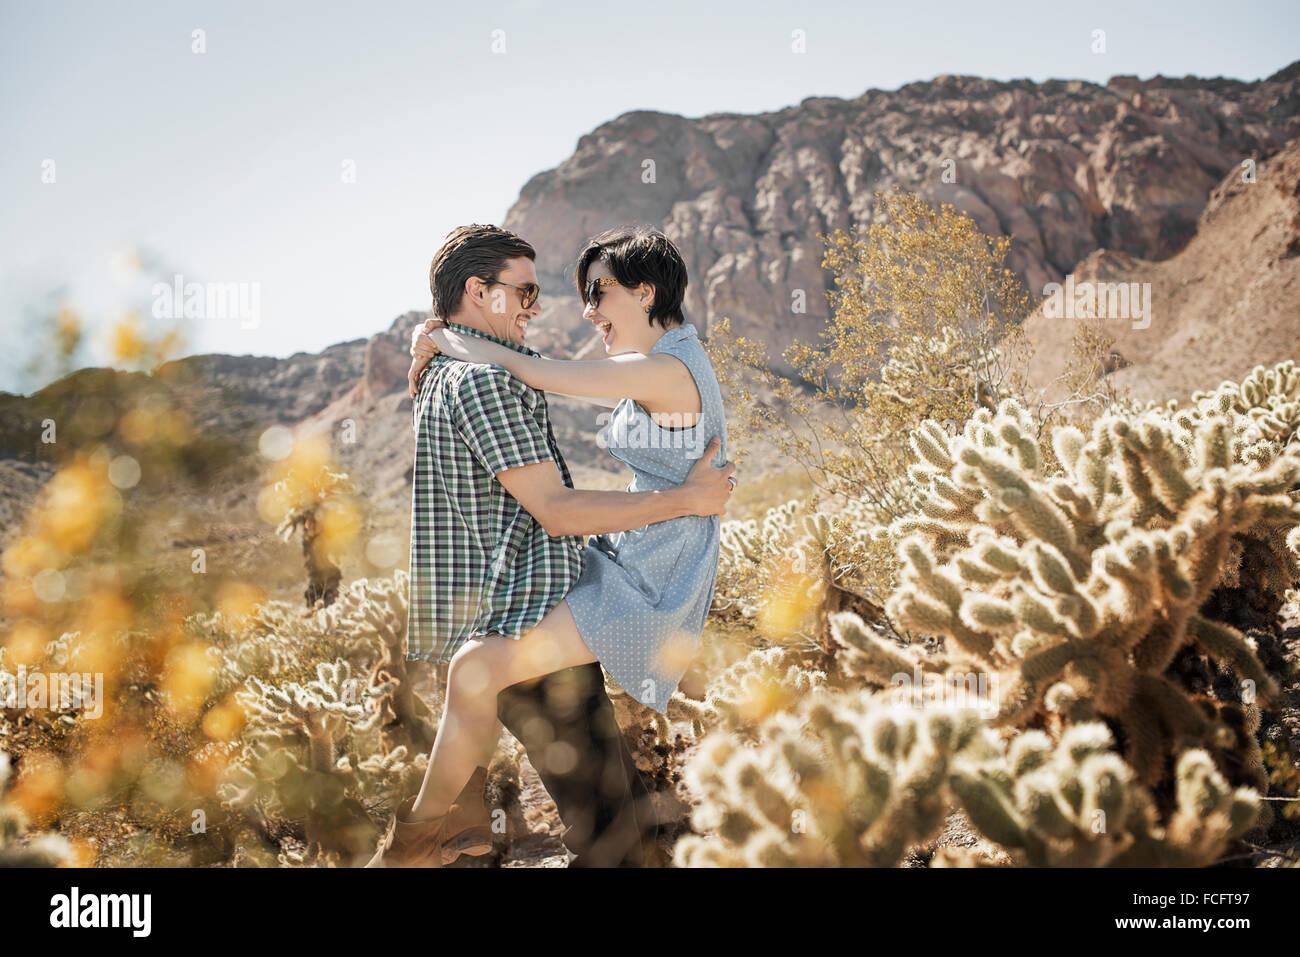 Una joven pareja, hombre y mujer, en un paisaje desértico. Imagen De Stock